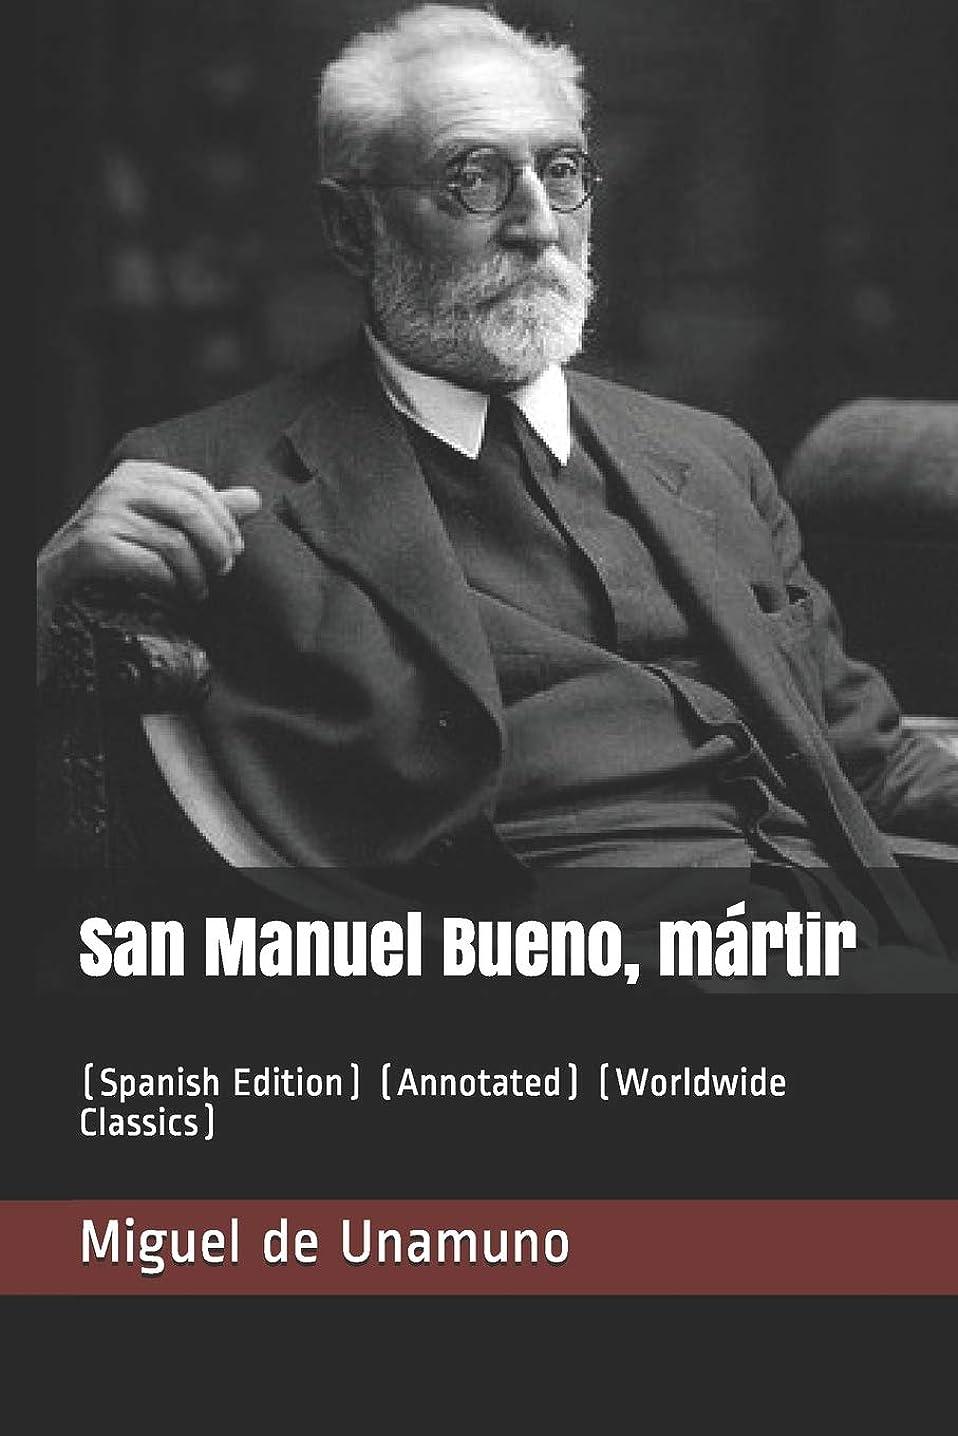 パラナ川肥満フィットSan Manuel Bueno, mártir: (Spanish Edition) (Annotated) (Worldwide Classics)